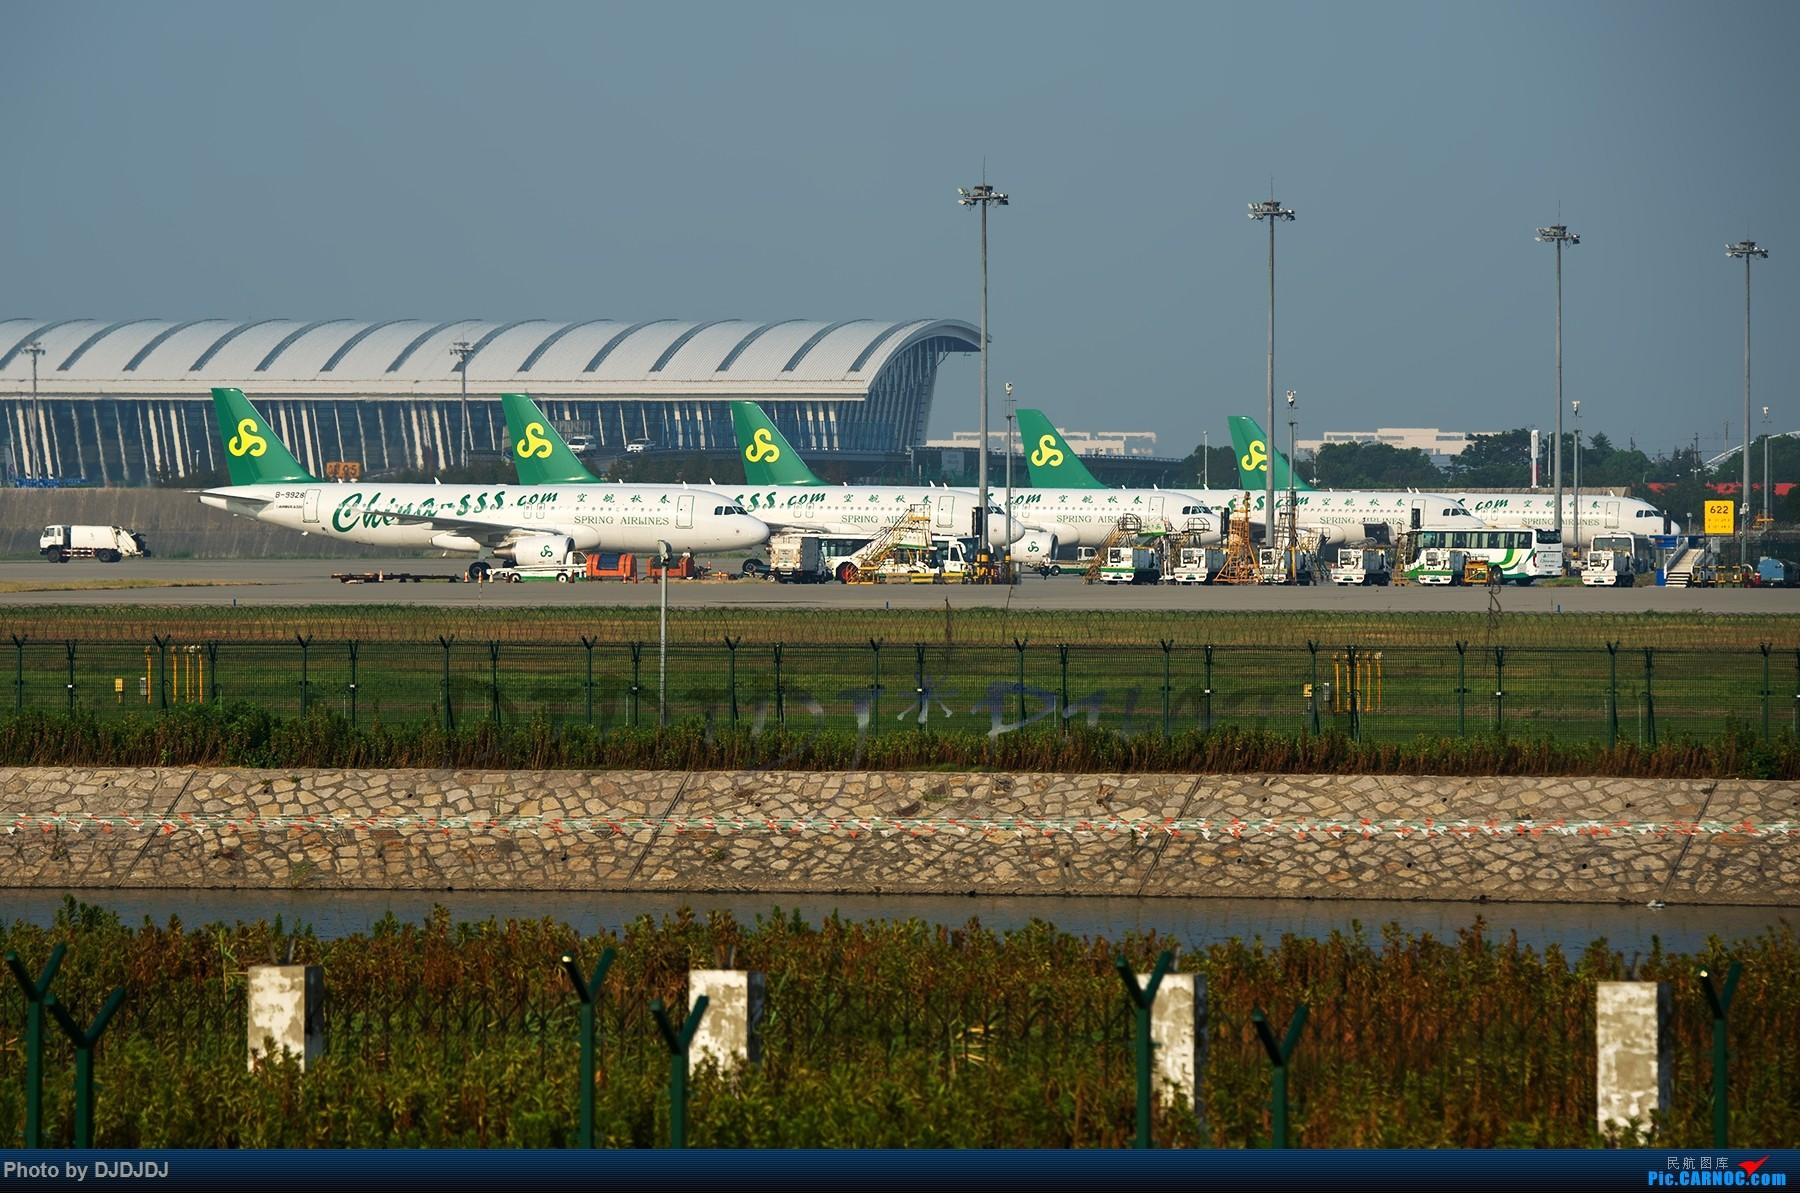 【BLDDQ】早    中国上海浦东国际机场